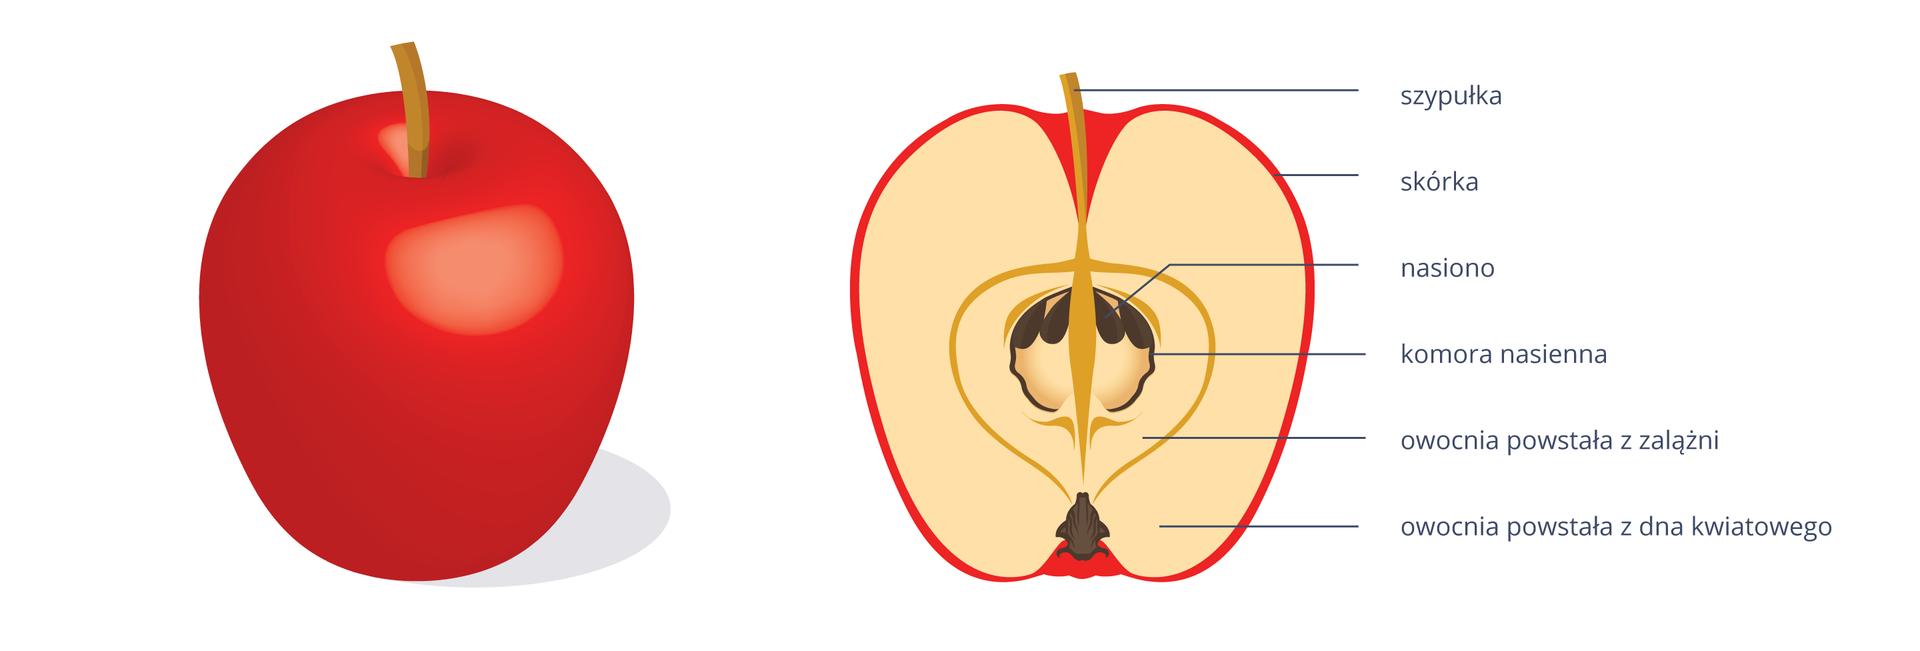 Ilustracja przedstawia rysunek dwóch jabłek: czerwonego, całego, iprzekrojonego wzdłuż. Części jabłka na przekroju są odpowiednio podpisane.